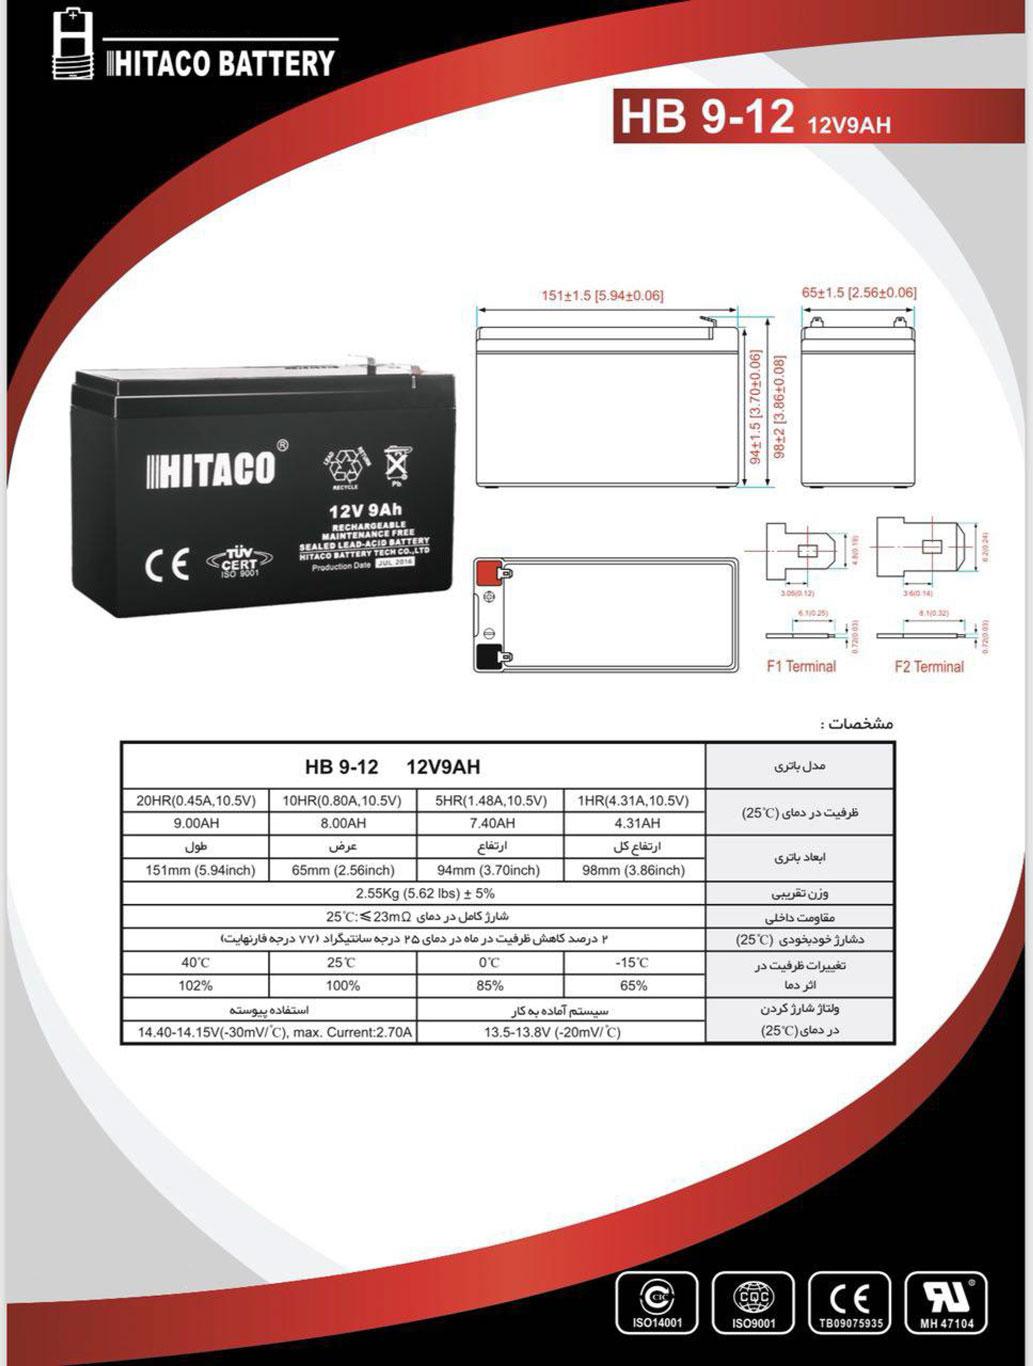 باتری هیتاکو ۱۲ ولت ۹ آمپر